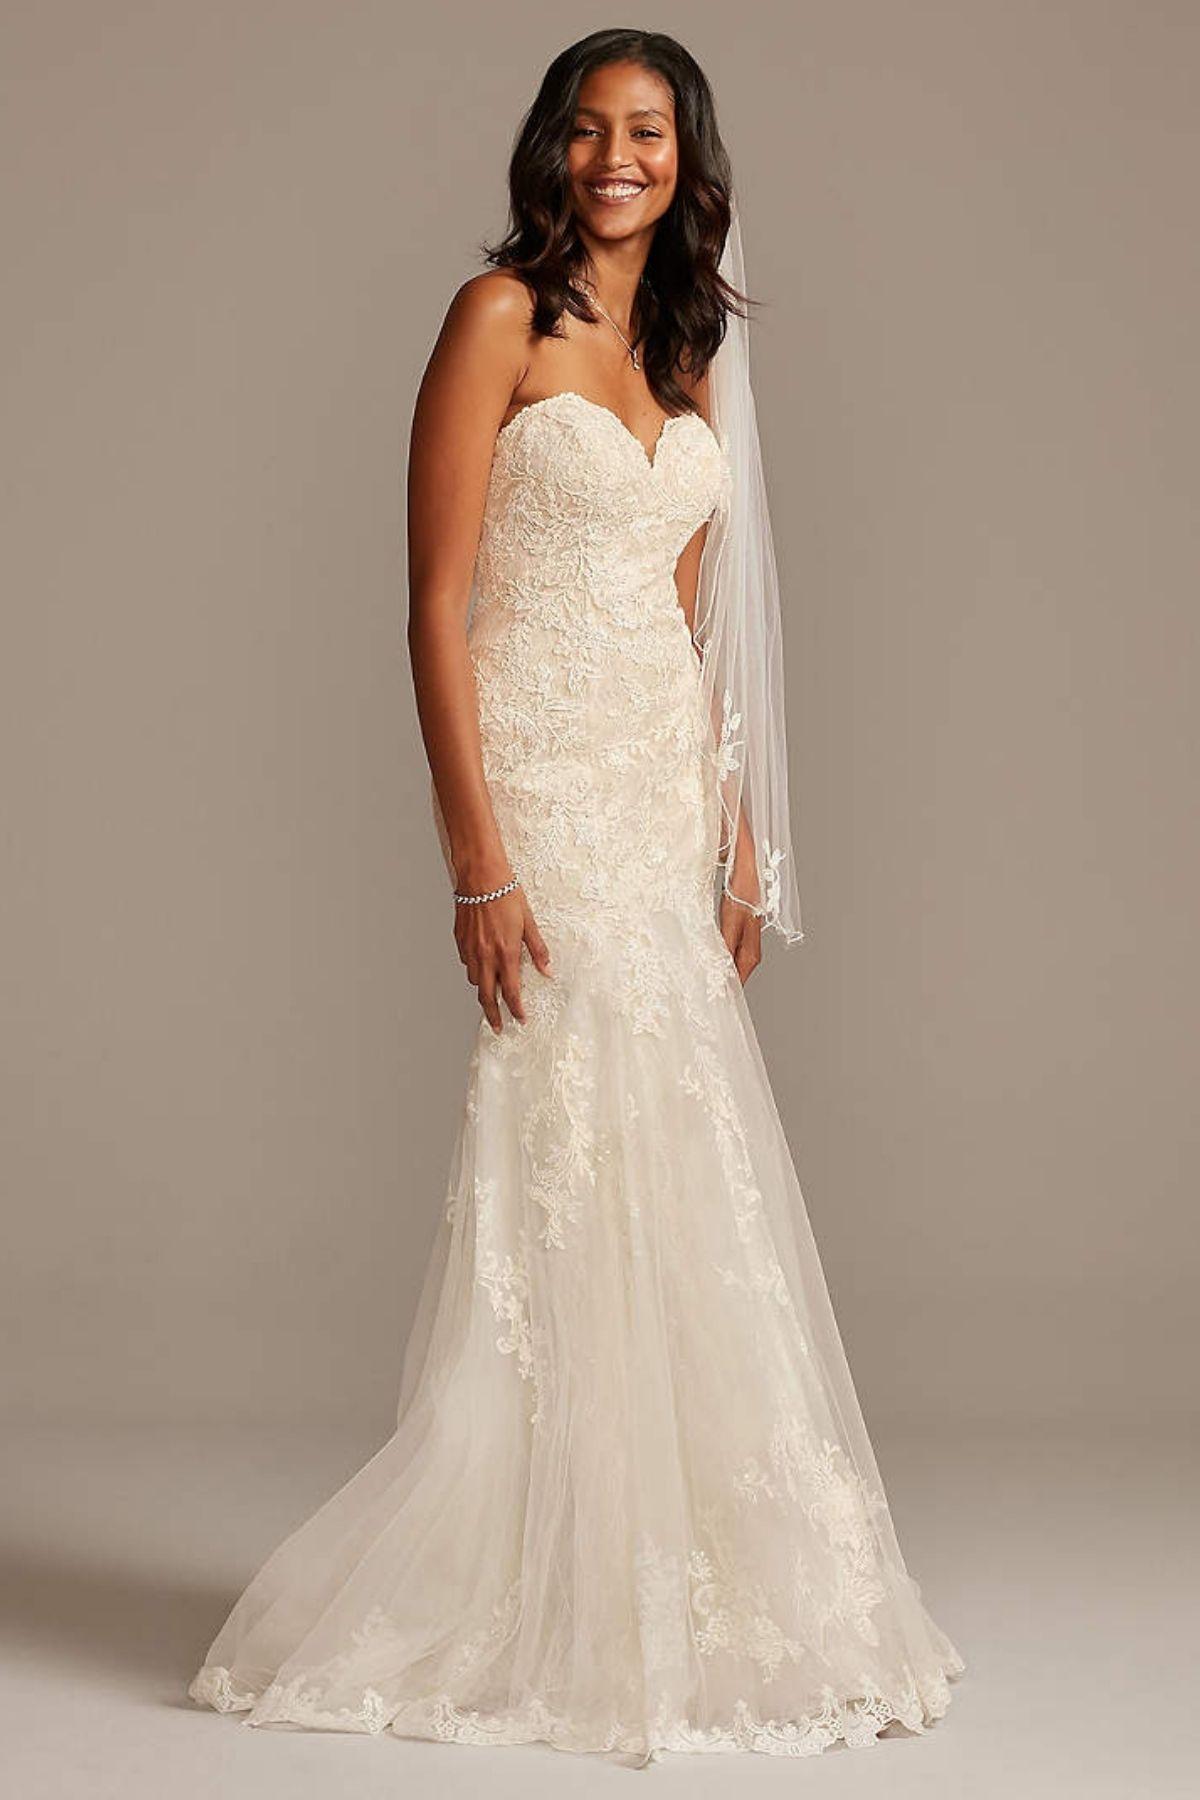 6. Layered Lace Petite Mermaid Wedding Dress -